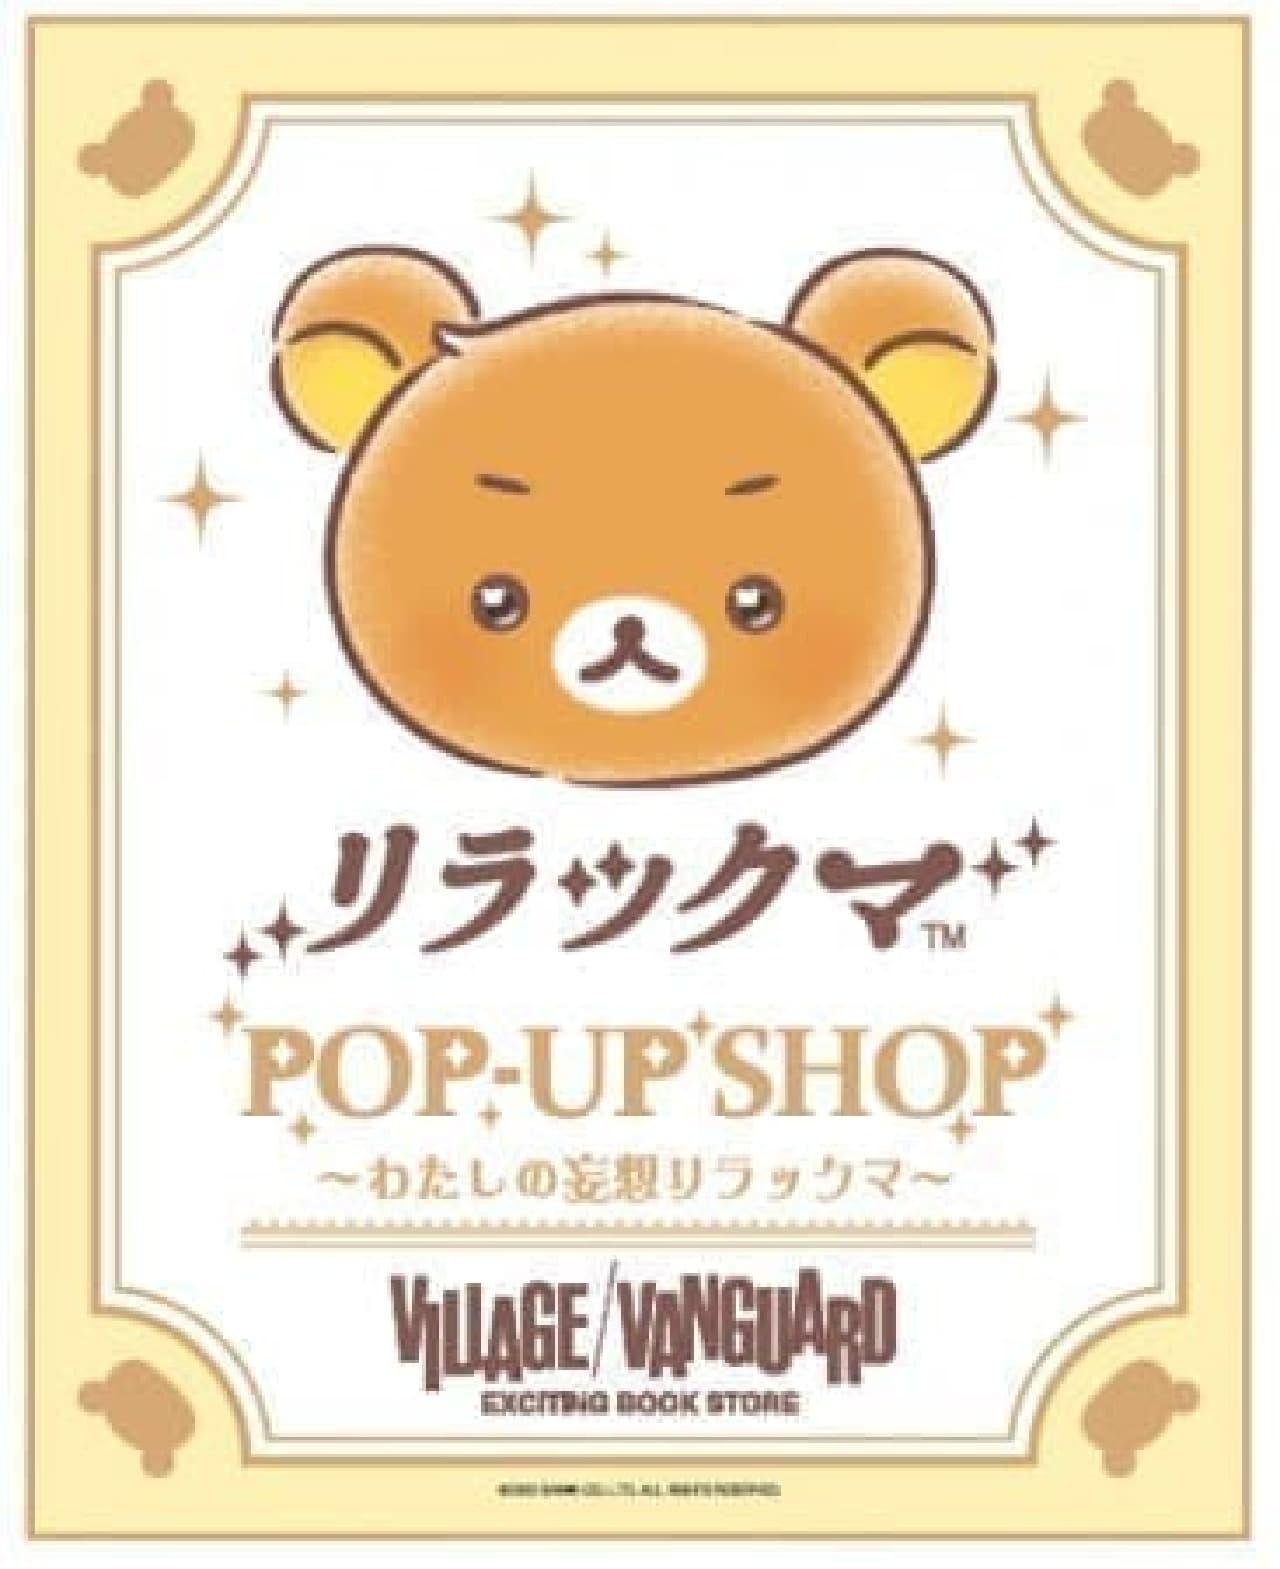 「リラックマPOP-UP SHOP」開催